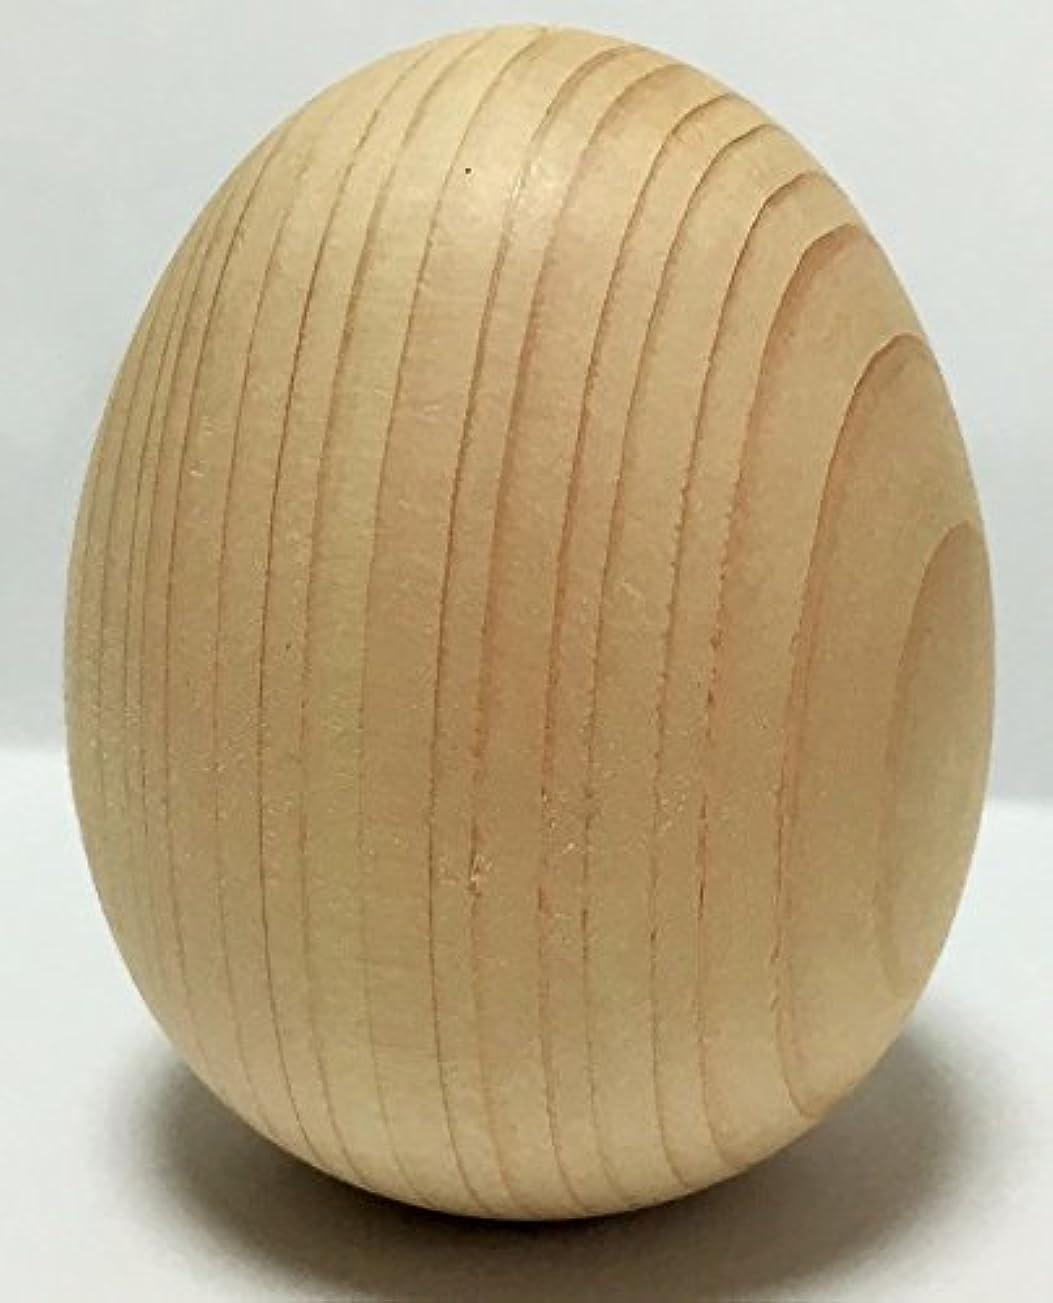 痛み宿定数1個から購入できる!卵型ヒノキボール タマゴ型 檜ボール 桧ボール ひのきボール 玉